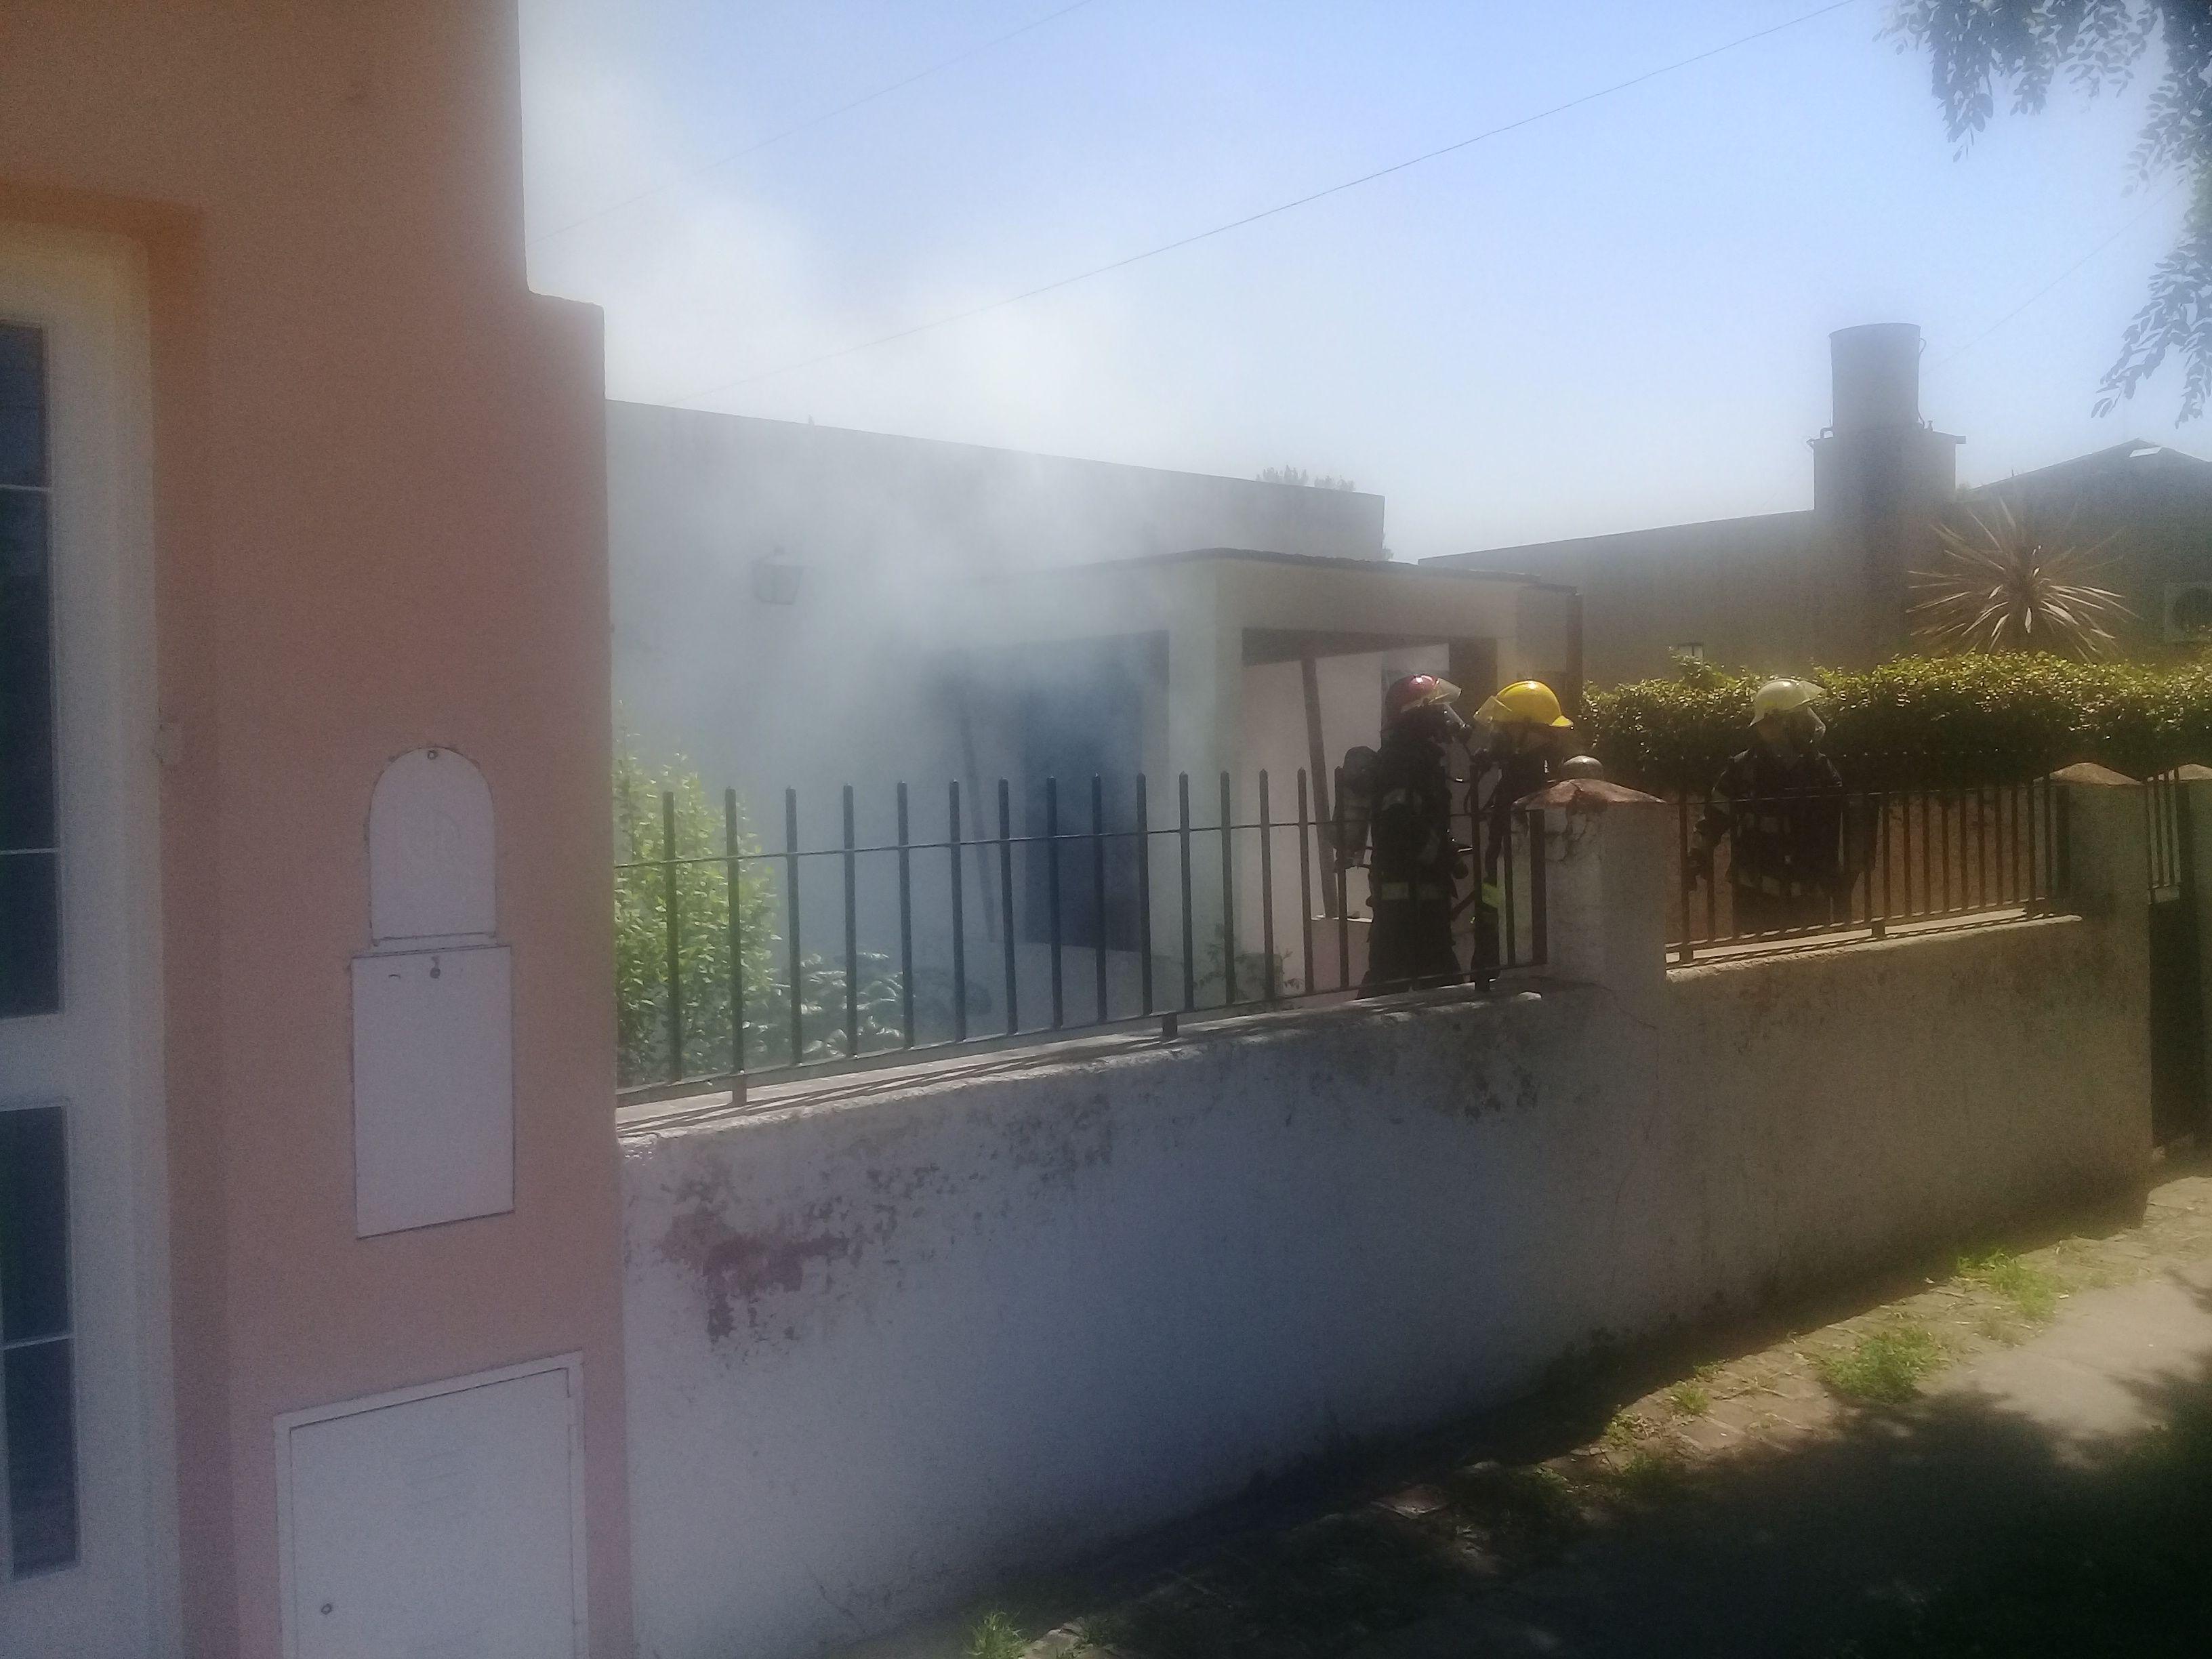 Incendio en una vivienda | 3ero en diez días